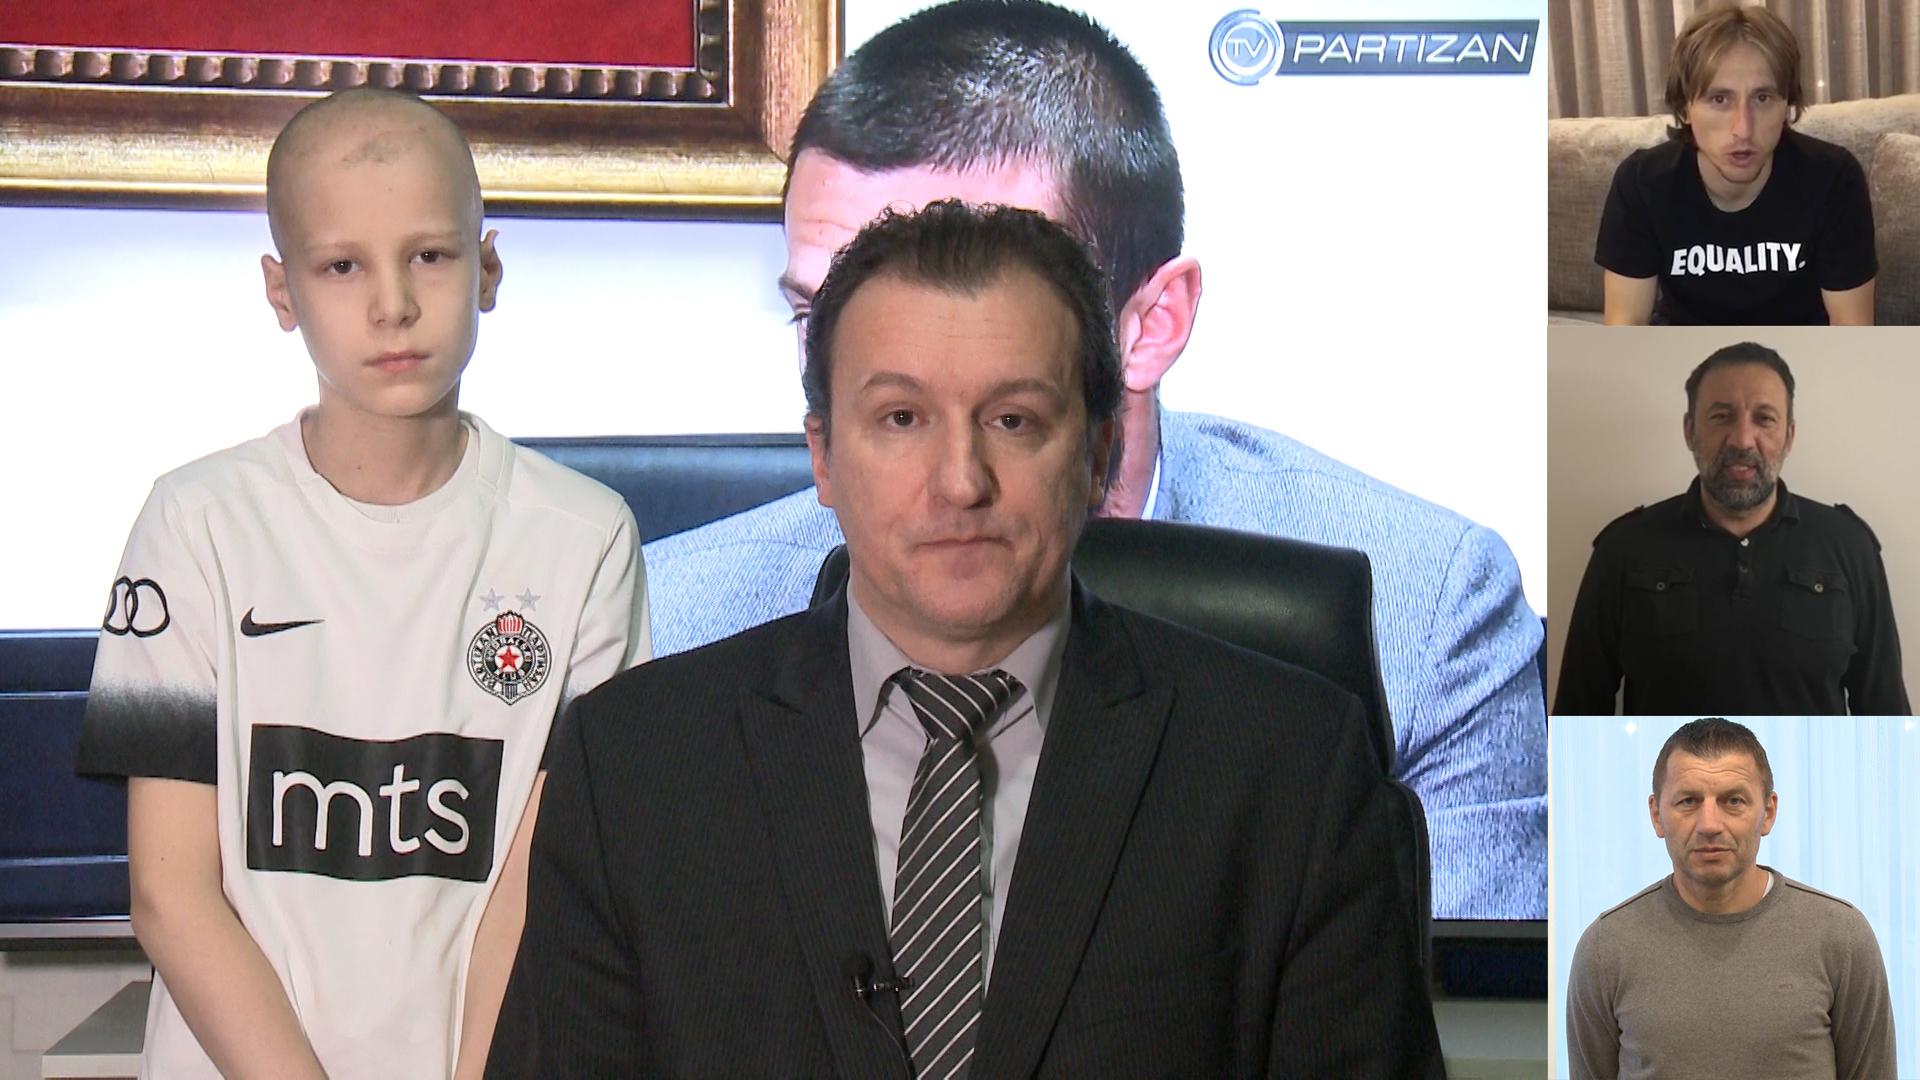 Isaija Pantić-Hitna operacija tumora na mozgu-Pomozite!!!(VIDEO)